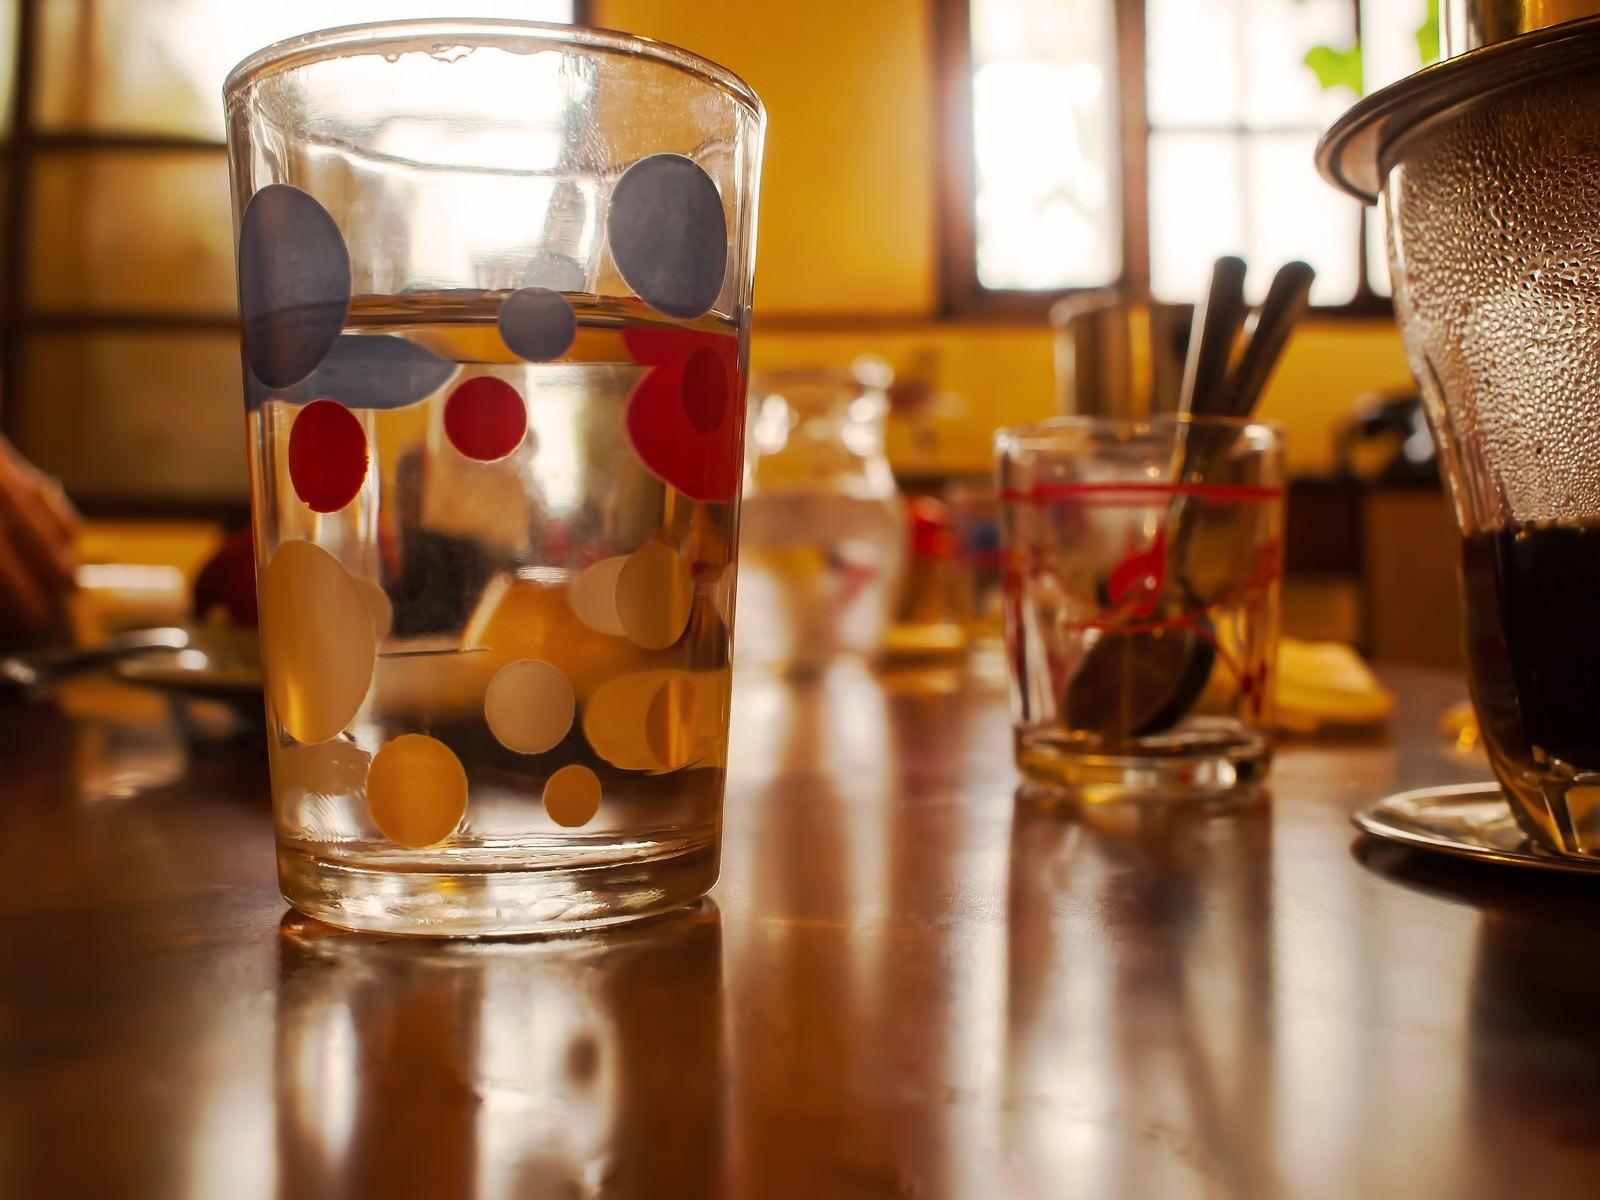 「カフェのワンシーンカフェのワンシーン」のフリー写真素材を拡大